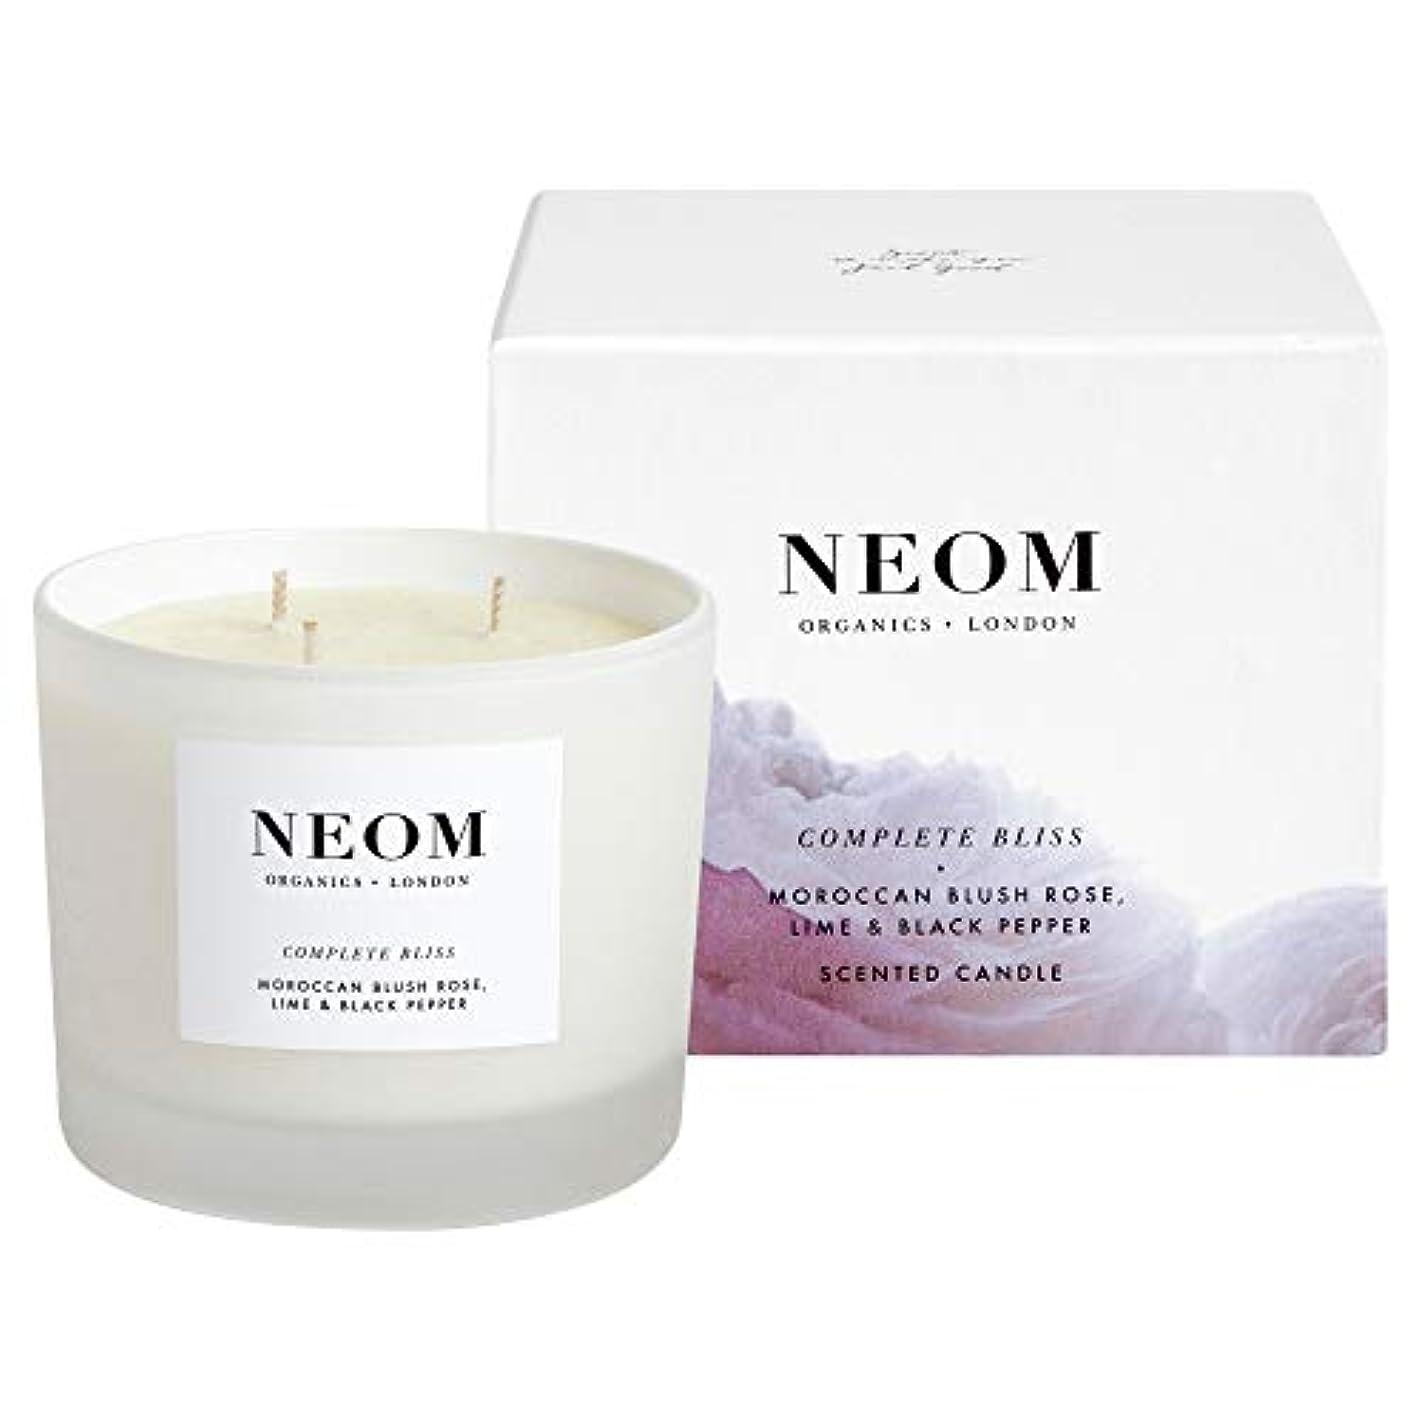 満員ブートリスキーな[Neom] Neom完全な至福3芯キャンドル420グラム - Neom Complete Bliss 3 Wick Candle 420g [並行輸入品]